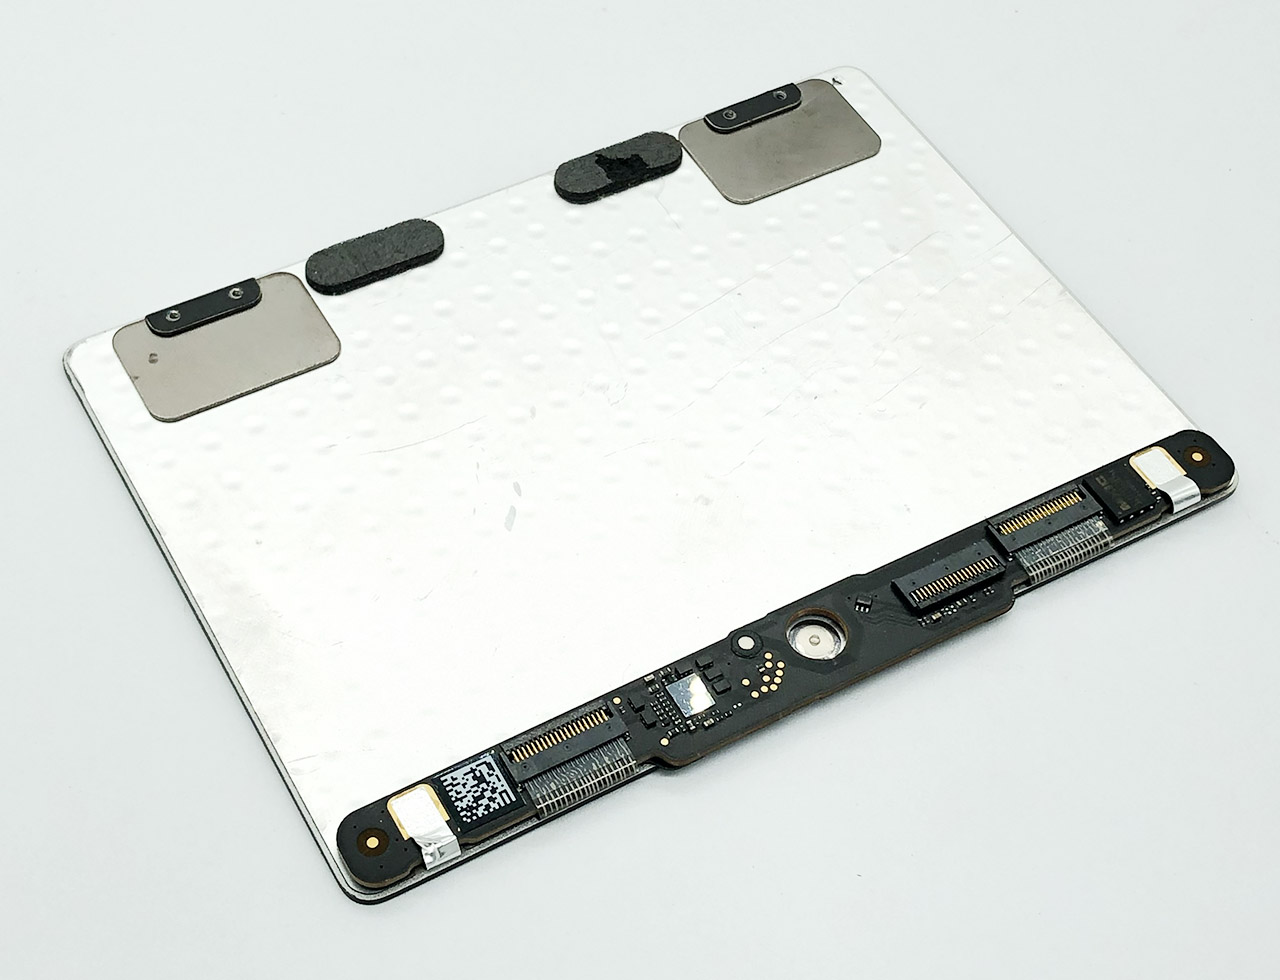 苹果Apple Macbook retina A1502触摸板触控板视频拆解教程2013年~2014年 EMC 2678 EMC 2875 Touchpad